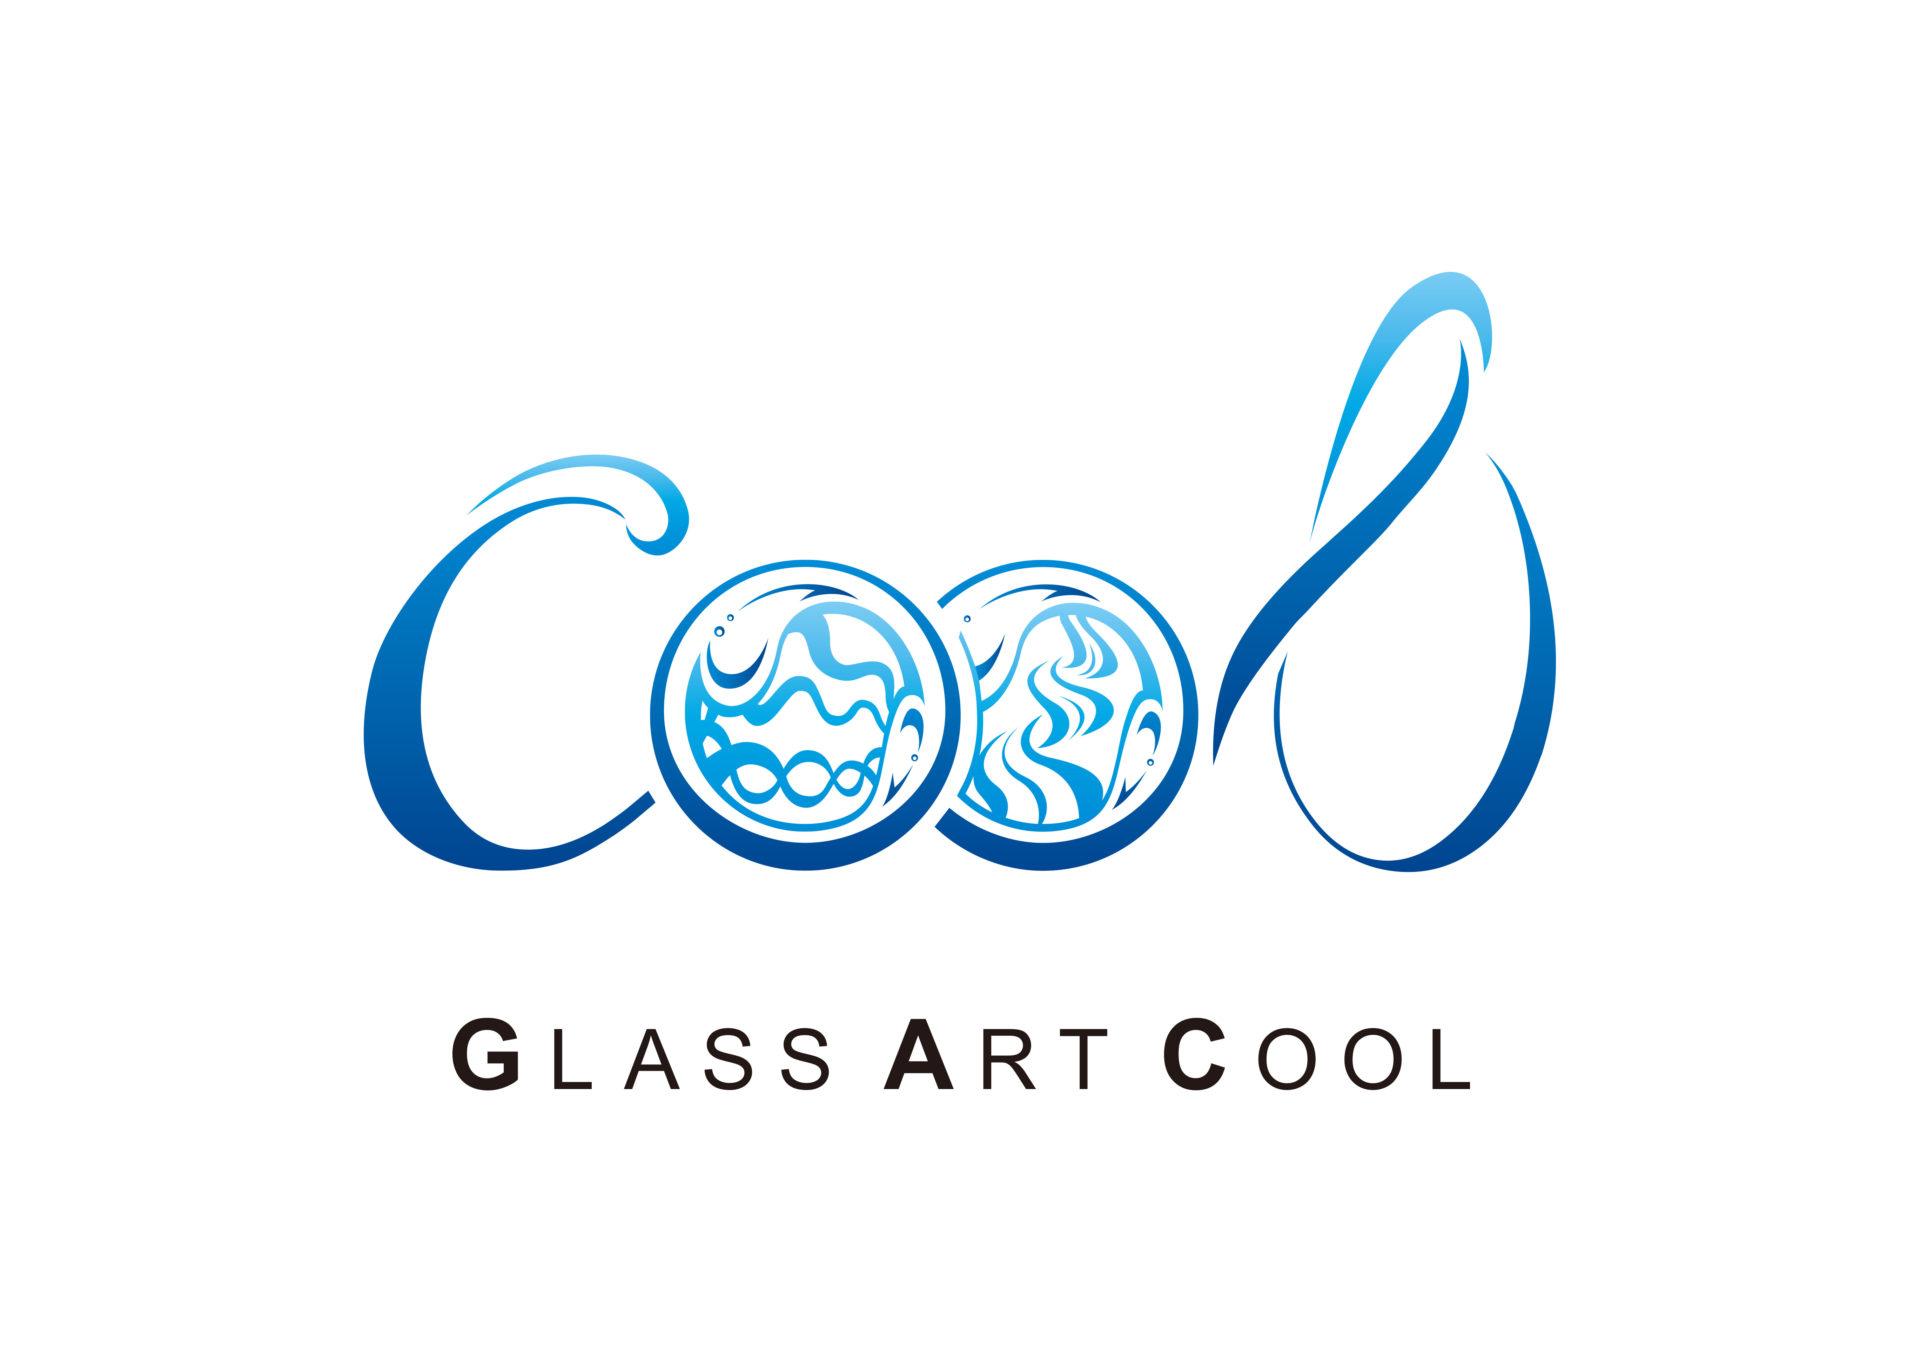 ガラスアート Cool ロゴ